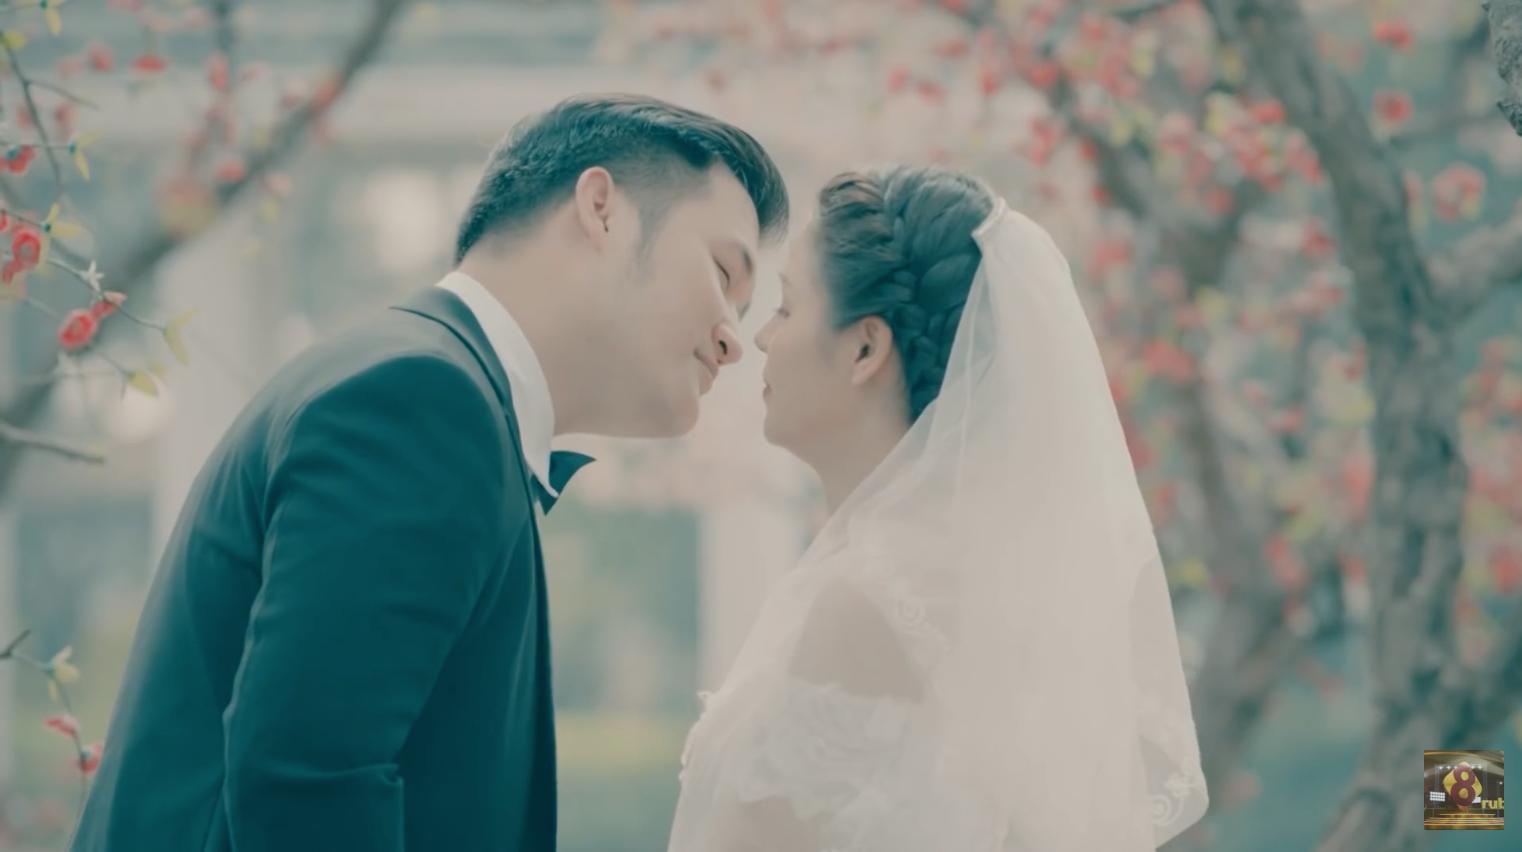 'Những cô gái trong thành phố' hé lộ cái kết hứa hẹn gây sốc: Có một đám cưới và một đám ma 11